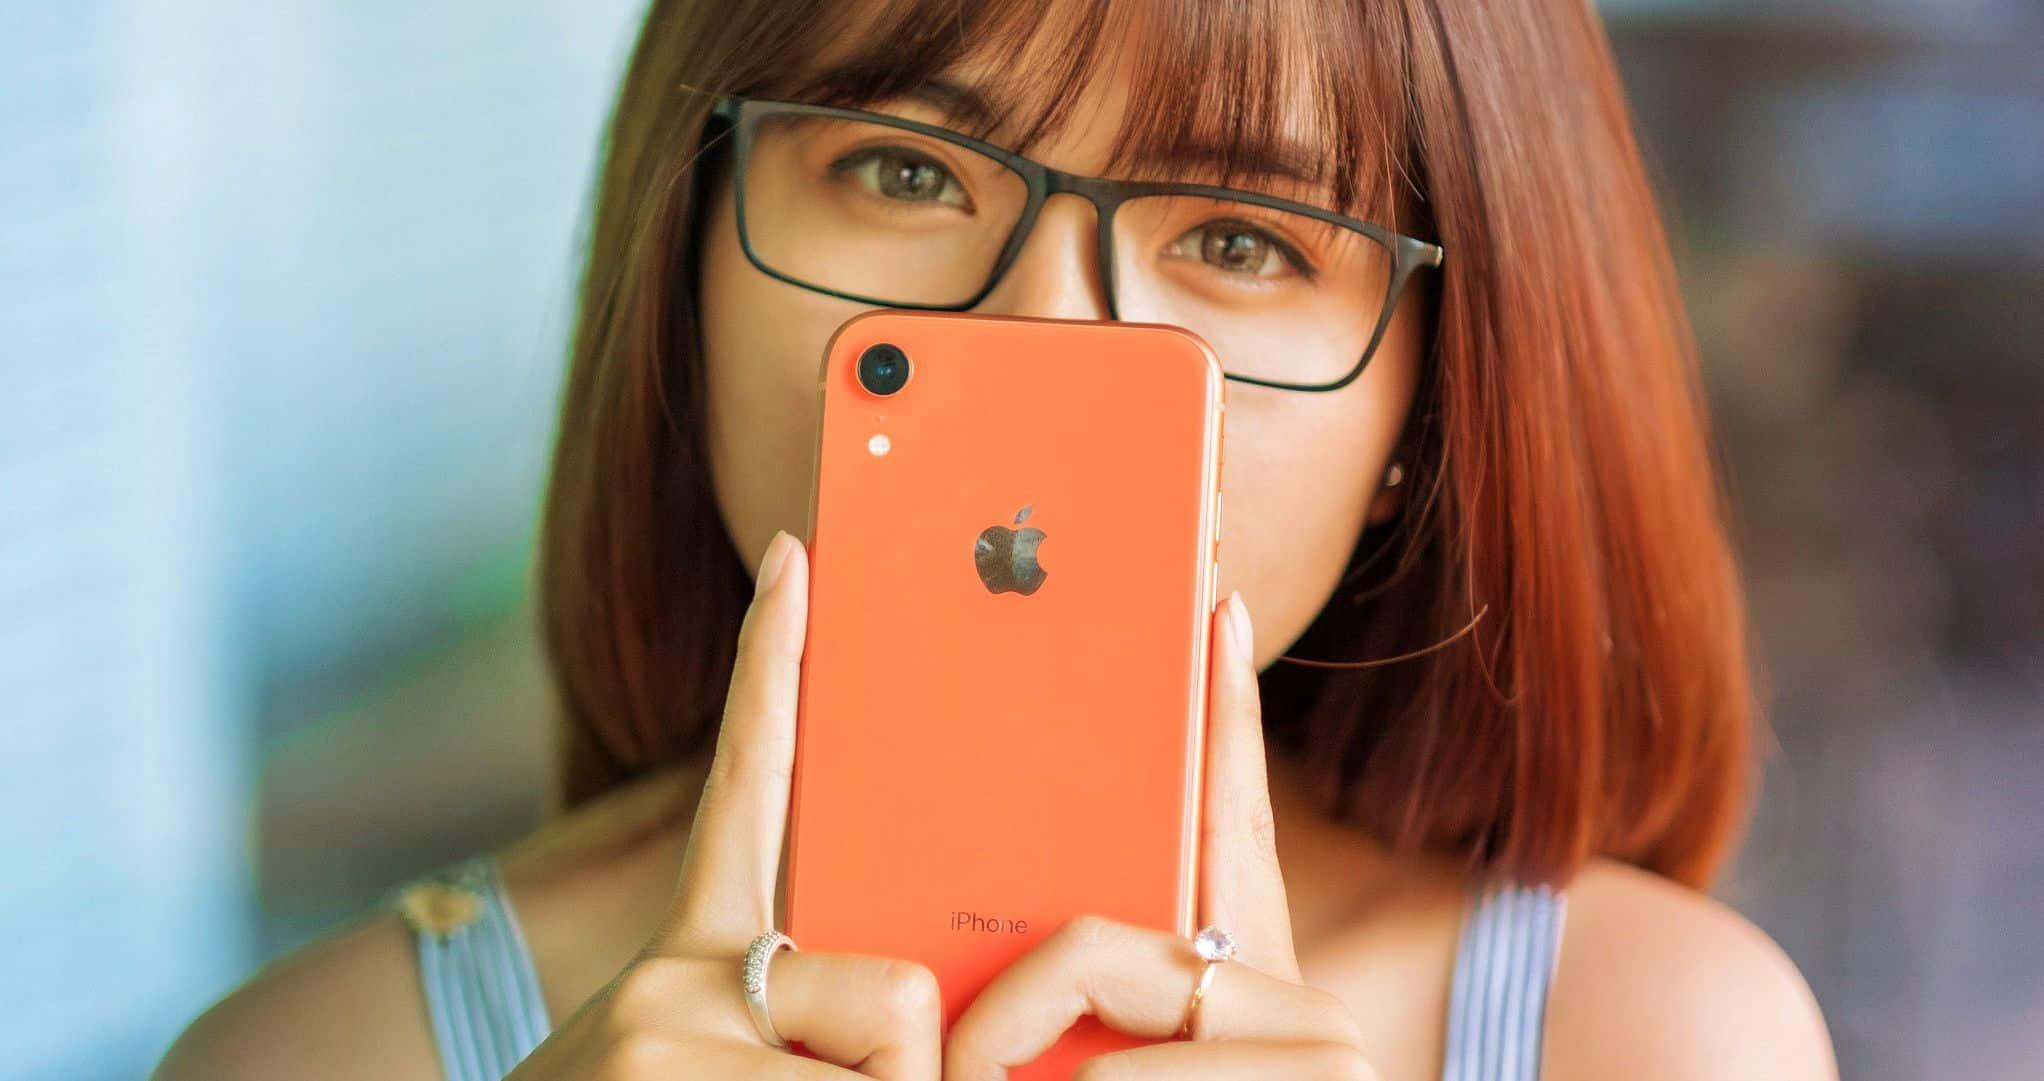 iPhone XR và iPhone 8 Plus: Bạn thích tai thỏ hiện đại hay phím home màn hình truyền thống? - 7